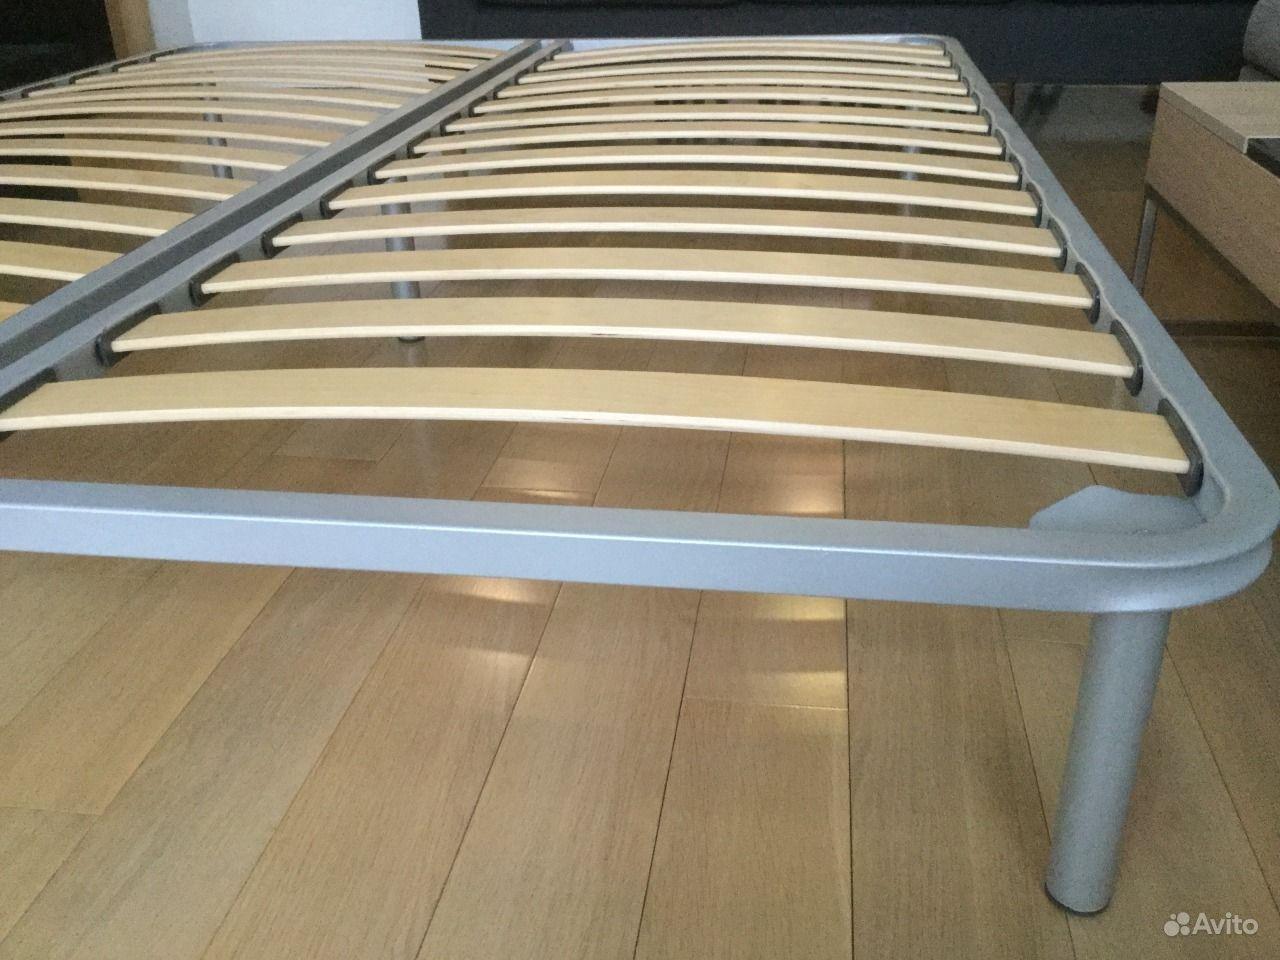 Ортопедические основания для кроватей - матрас-купить-недорогорф Аскона Ортопедическая решетка, основание для матрасов Обзор Как делают матрасы для кровати ?